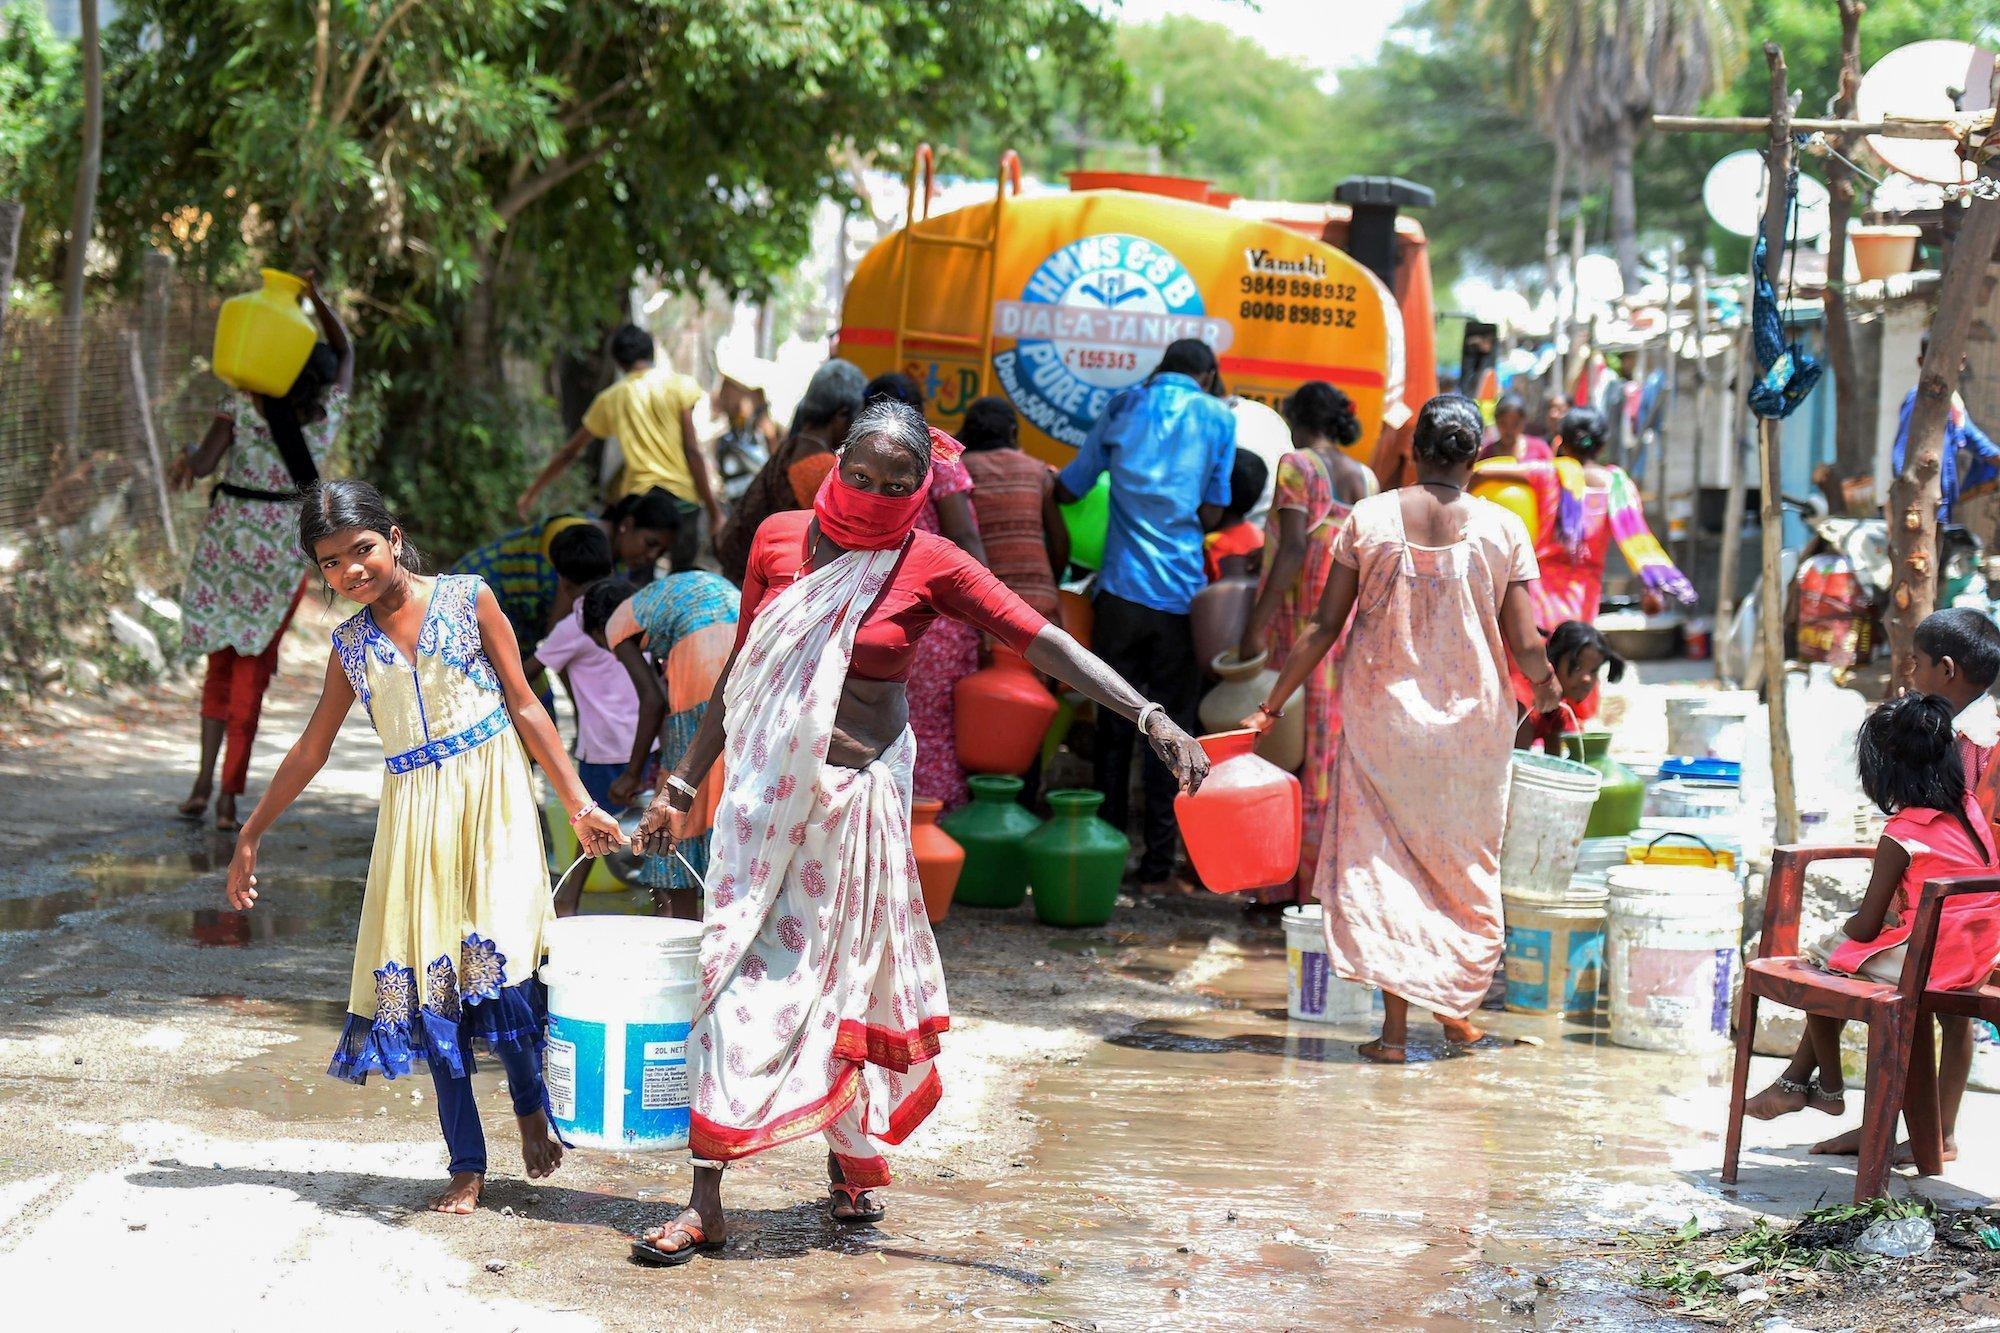 Die gezeigte Szene stammt aus dem Mai 2020. In einem Slum im indischen Secunderabad bringt ein Lastwagen kostenloses Trinkwasser. Viele Menschen stehen um den Lastwagen herum und versuchen, etwas abzubekommen. Eine Frau und ein Mädchen waren erfolgreich. Sie tragen einen großen Wasserbehälter nachhause.